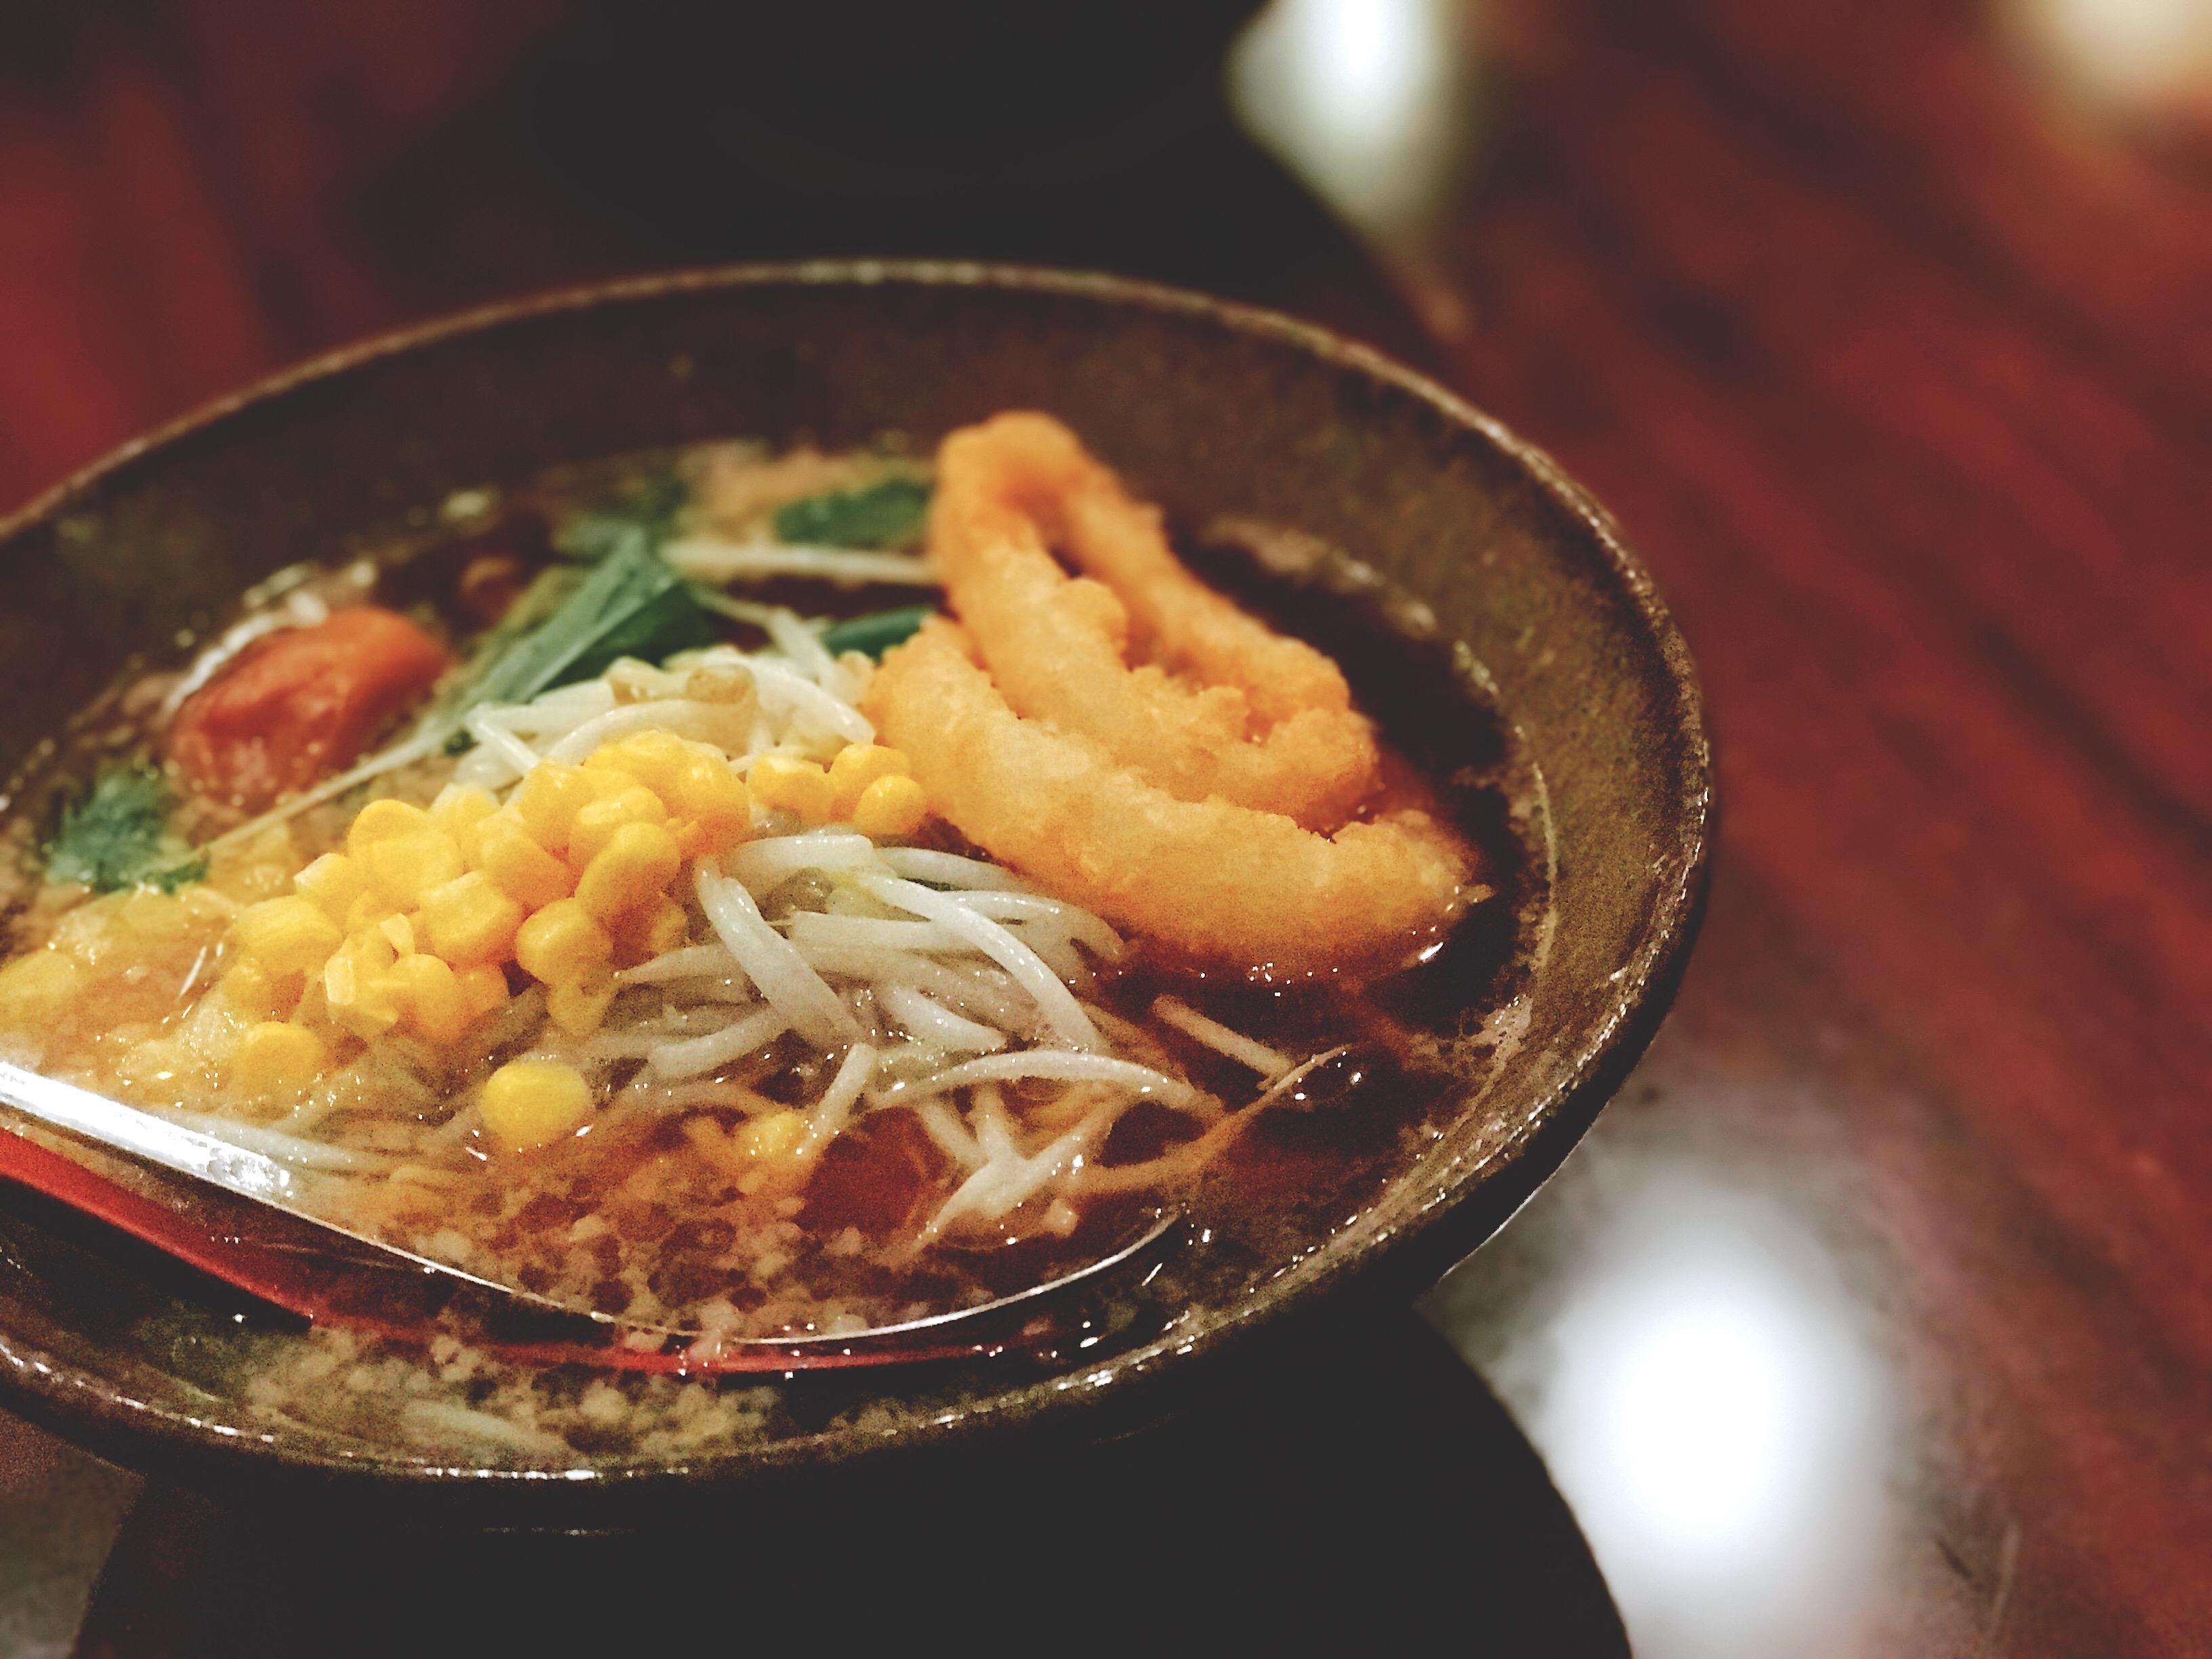 【西川商店ラーメン】熊本嘉島にある醤油と味噌メインの店@メニュー